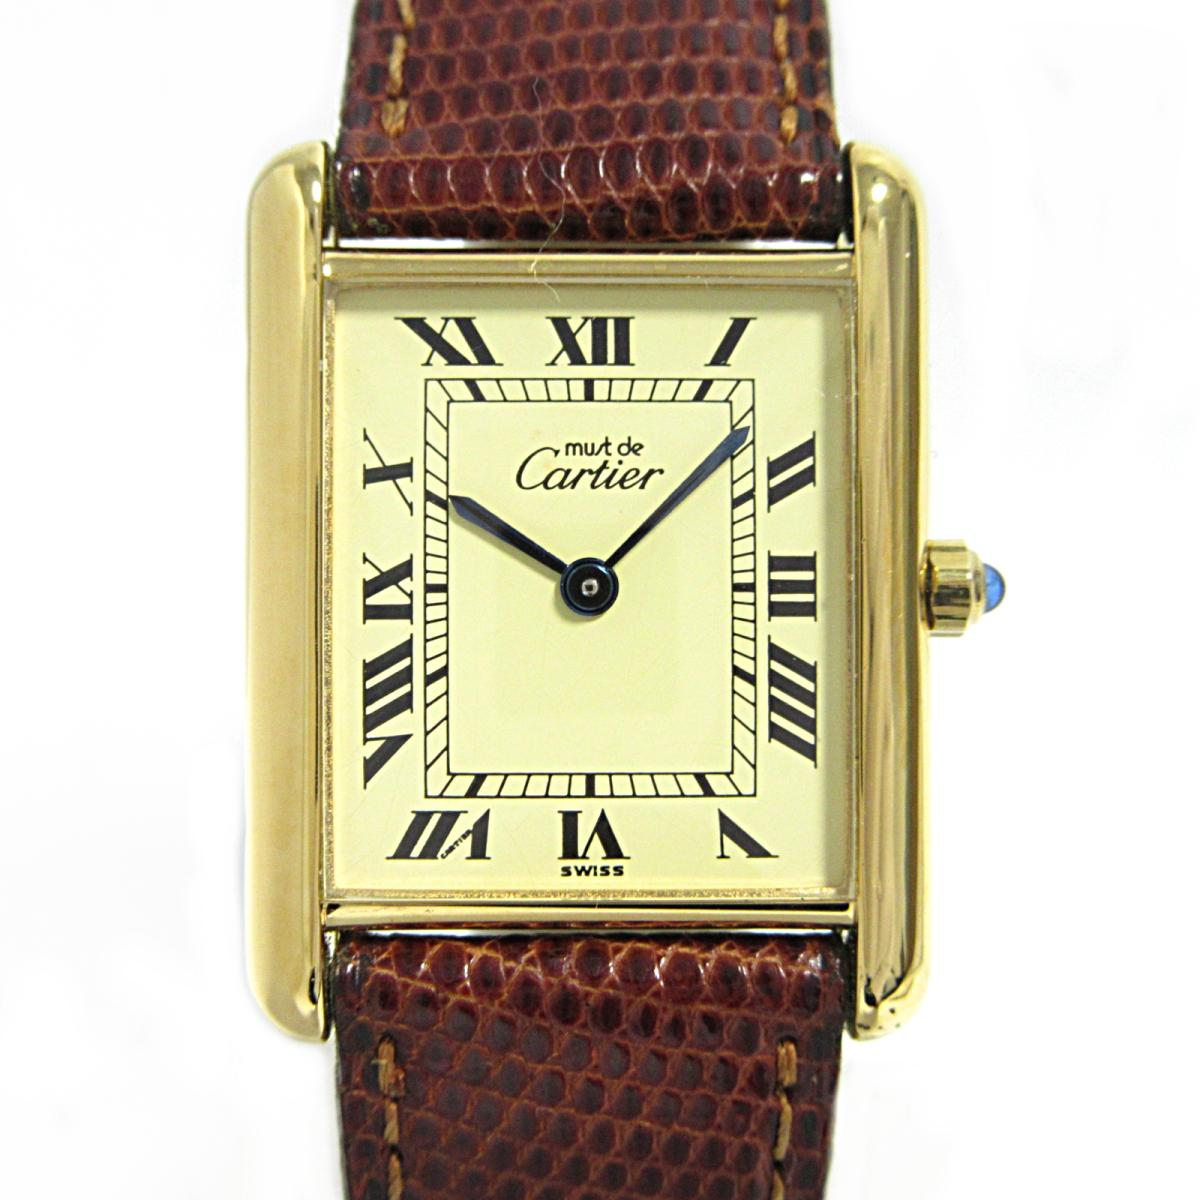 ≪期間限定≫メルマガ登録でクーポンGET! 【中古】 カルティエ マストタンク 腕時計 ウォッチ レディース SV リザードベルト ゴールド | Cartier BRANDOFF ブランドオフ ブランド ブランド時計 ブランド腕時計 時計